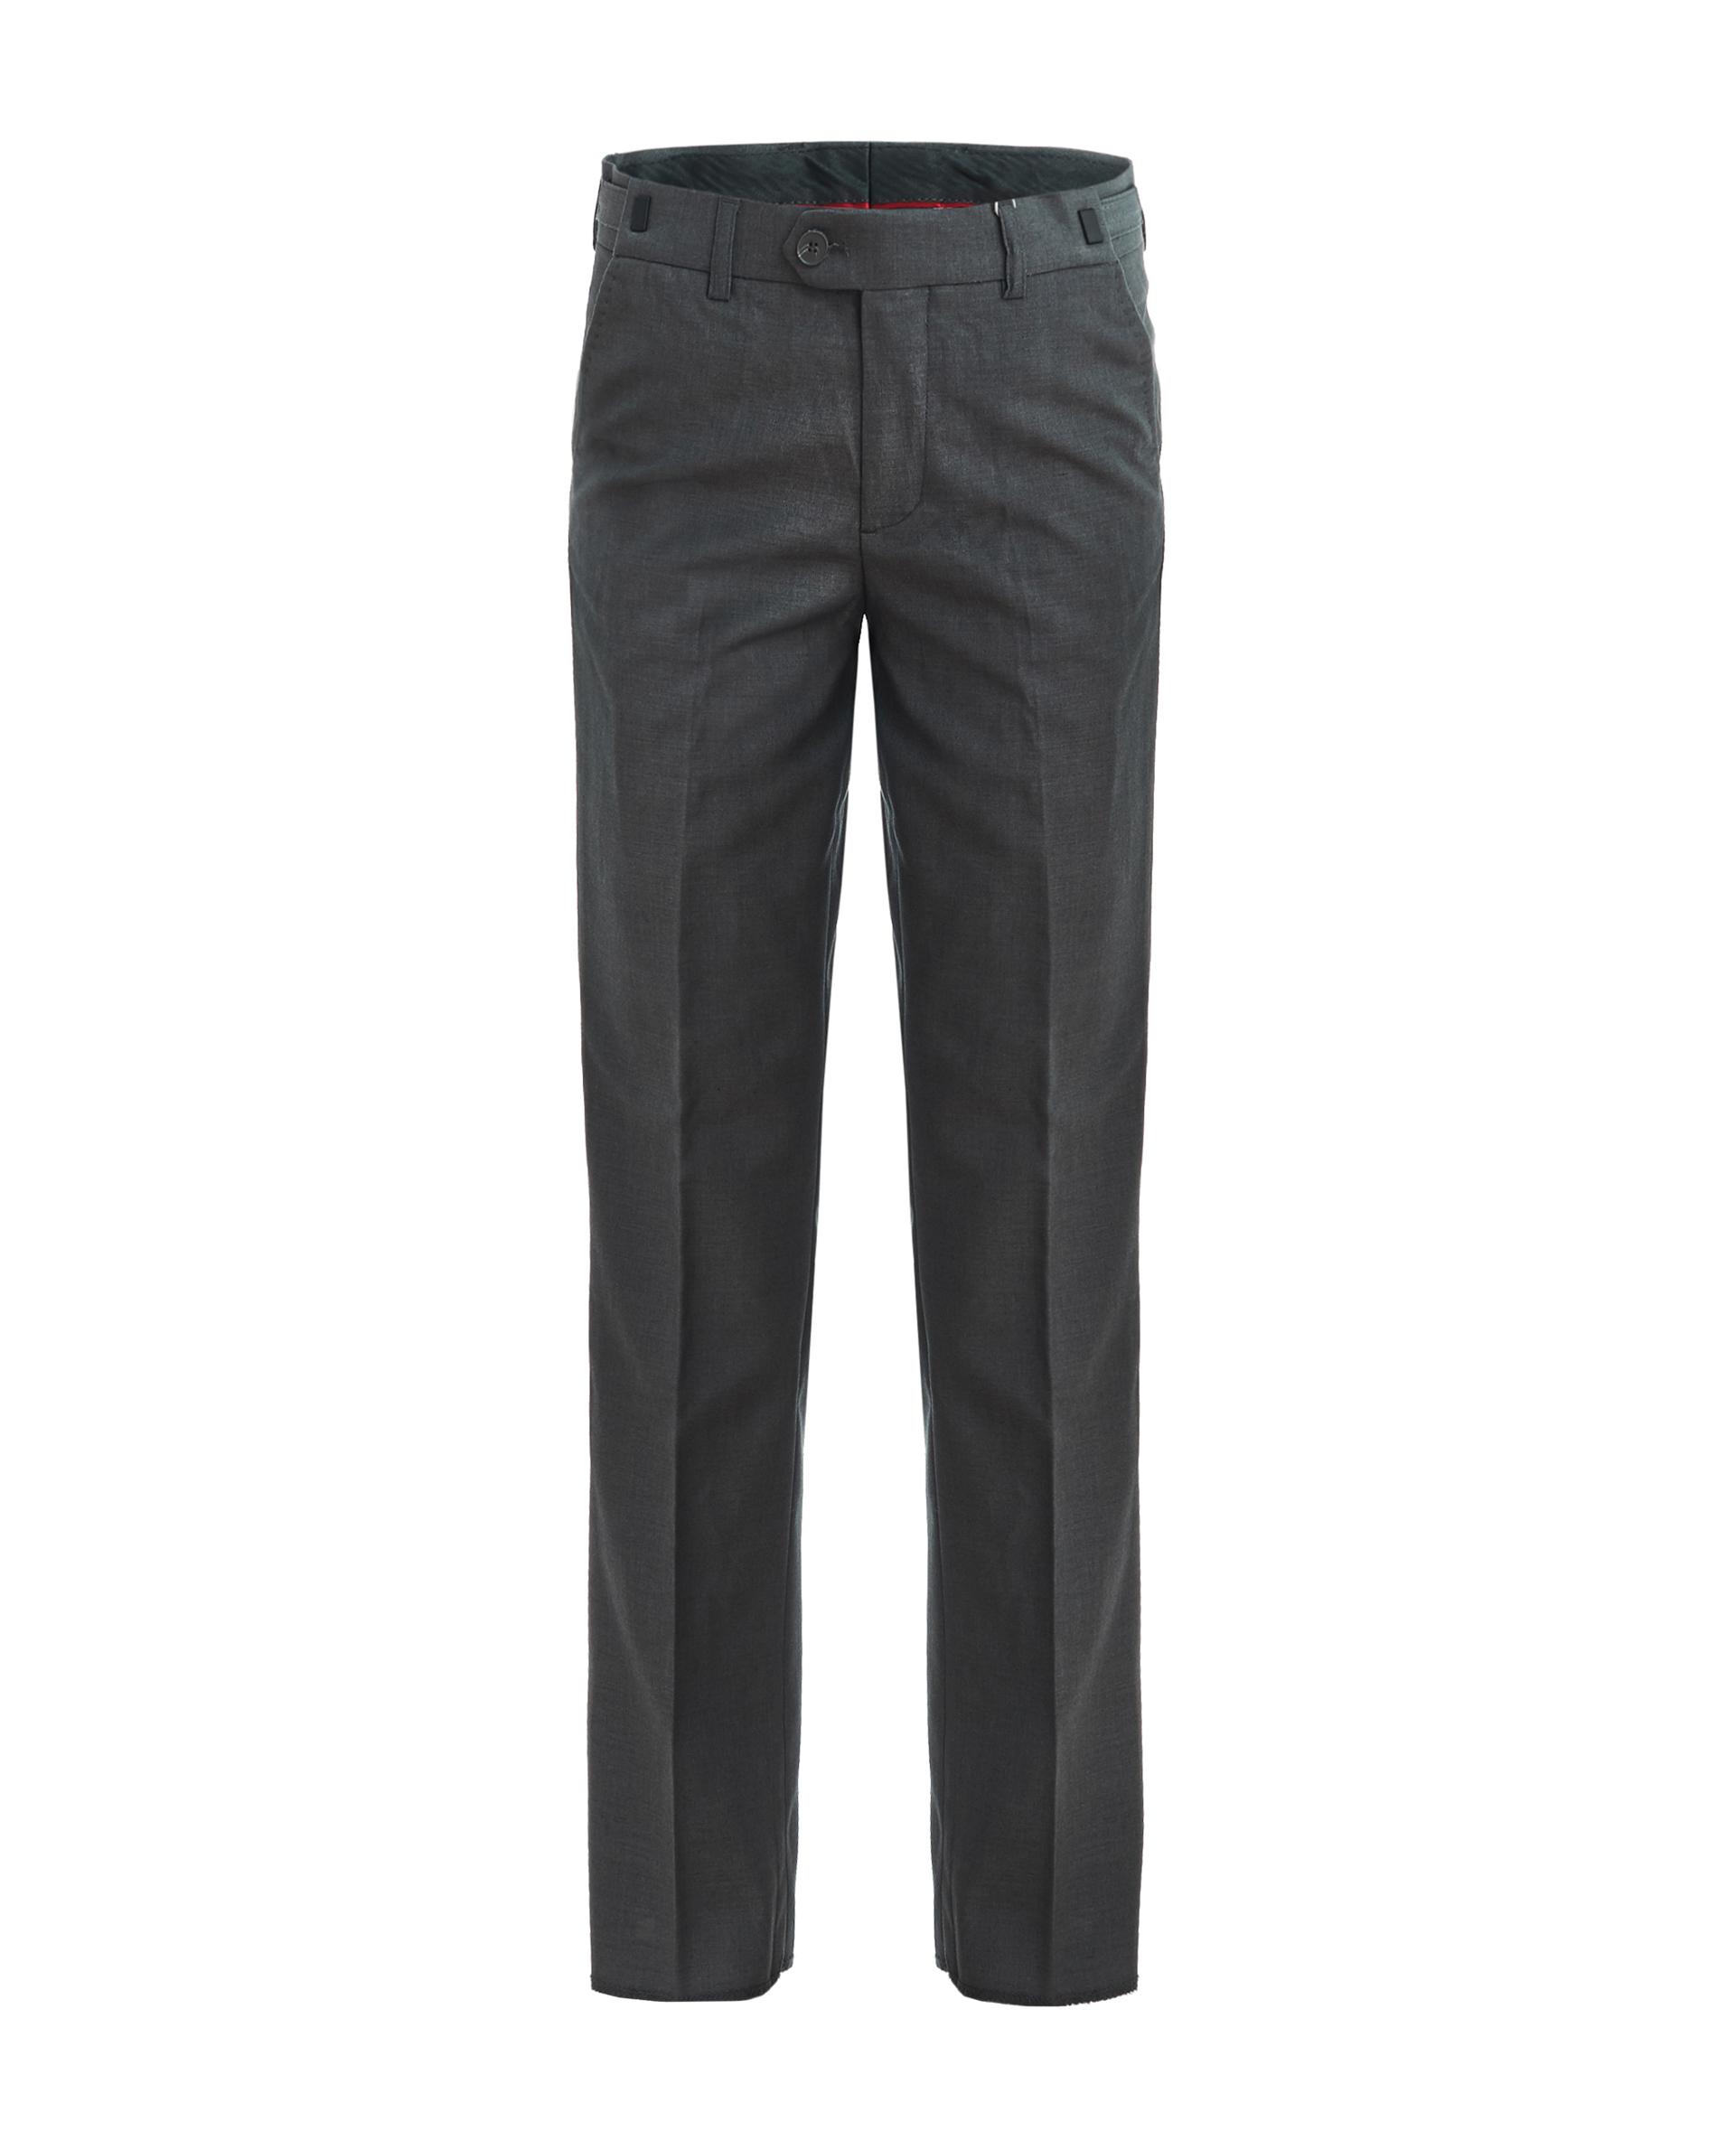 Купить 219GSBC6303, Серые брюки Gulliver, серый, 170, Мужской, ШКОЛЬНАЯ ФОРМА 2019-2020 (shop: GulliverMarket Gulliver Market)